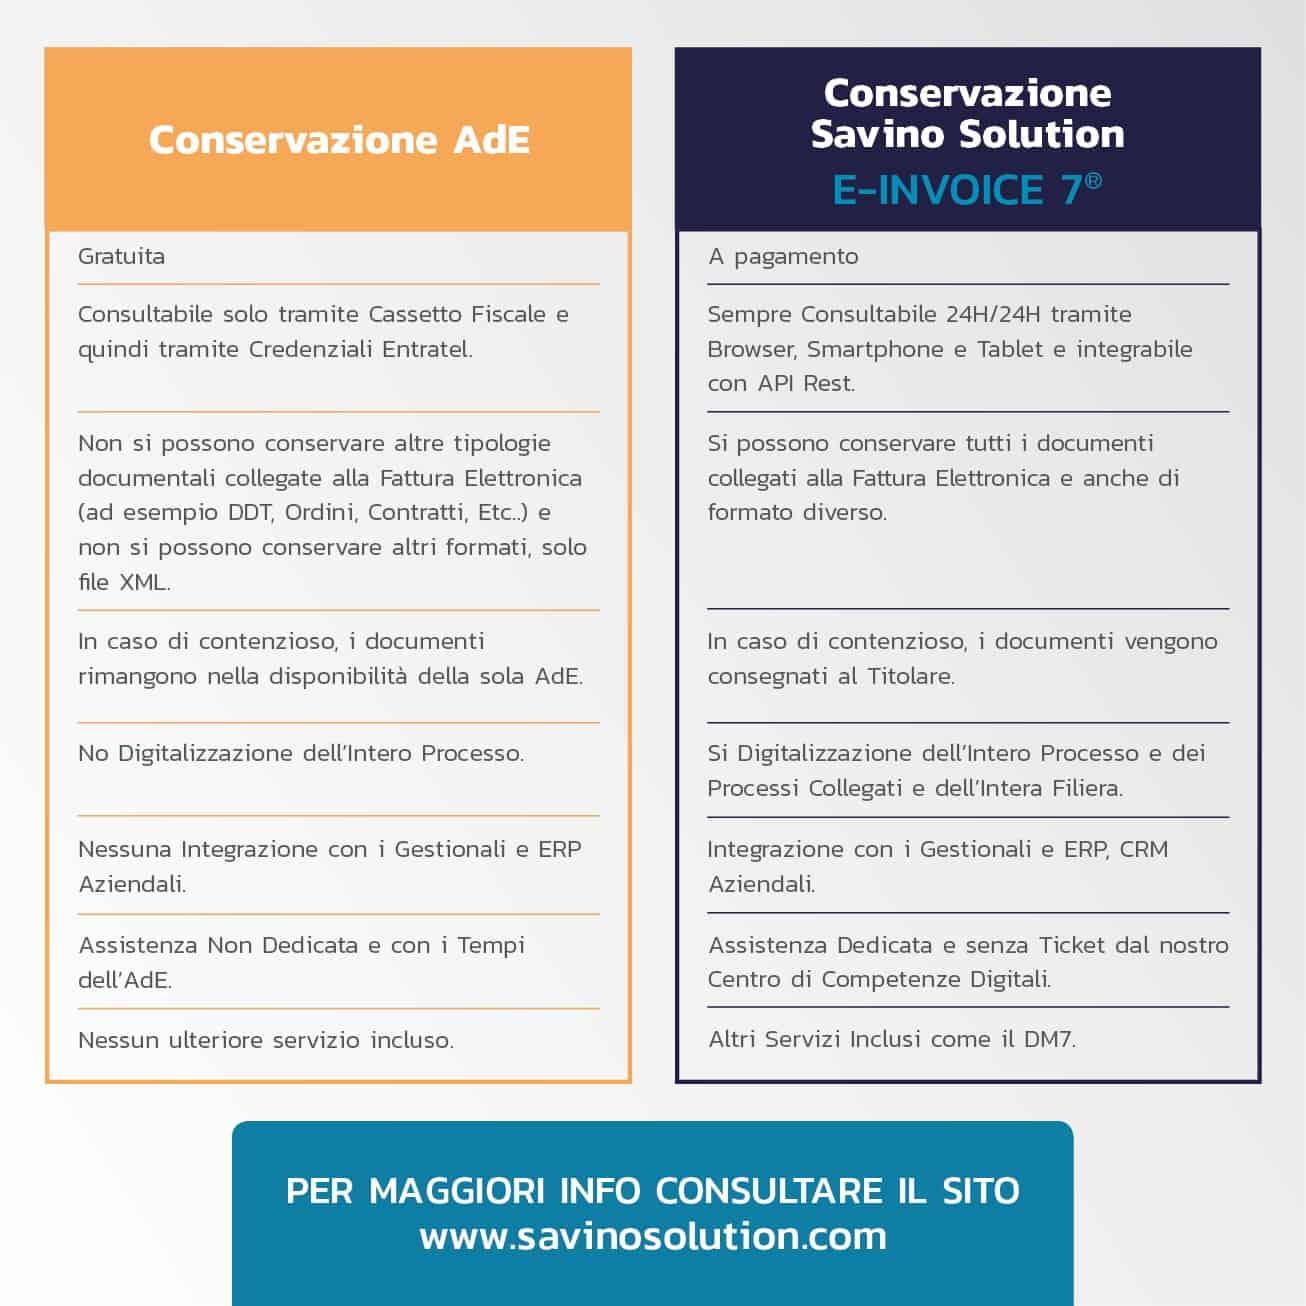 La differenza enorme tra La Conservazione digitale offerta da AdE e Savino Solution